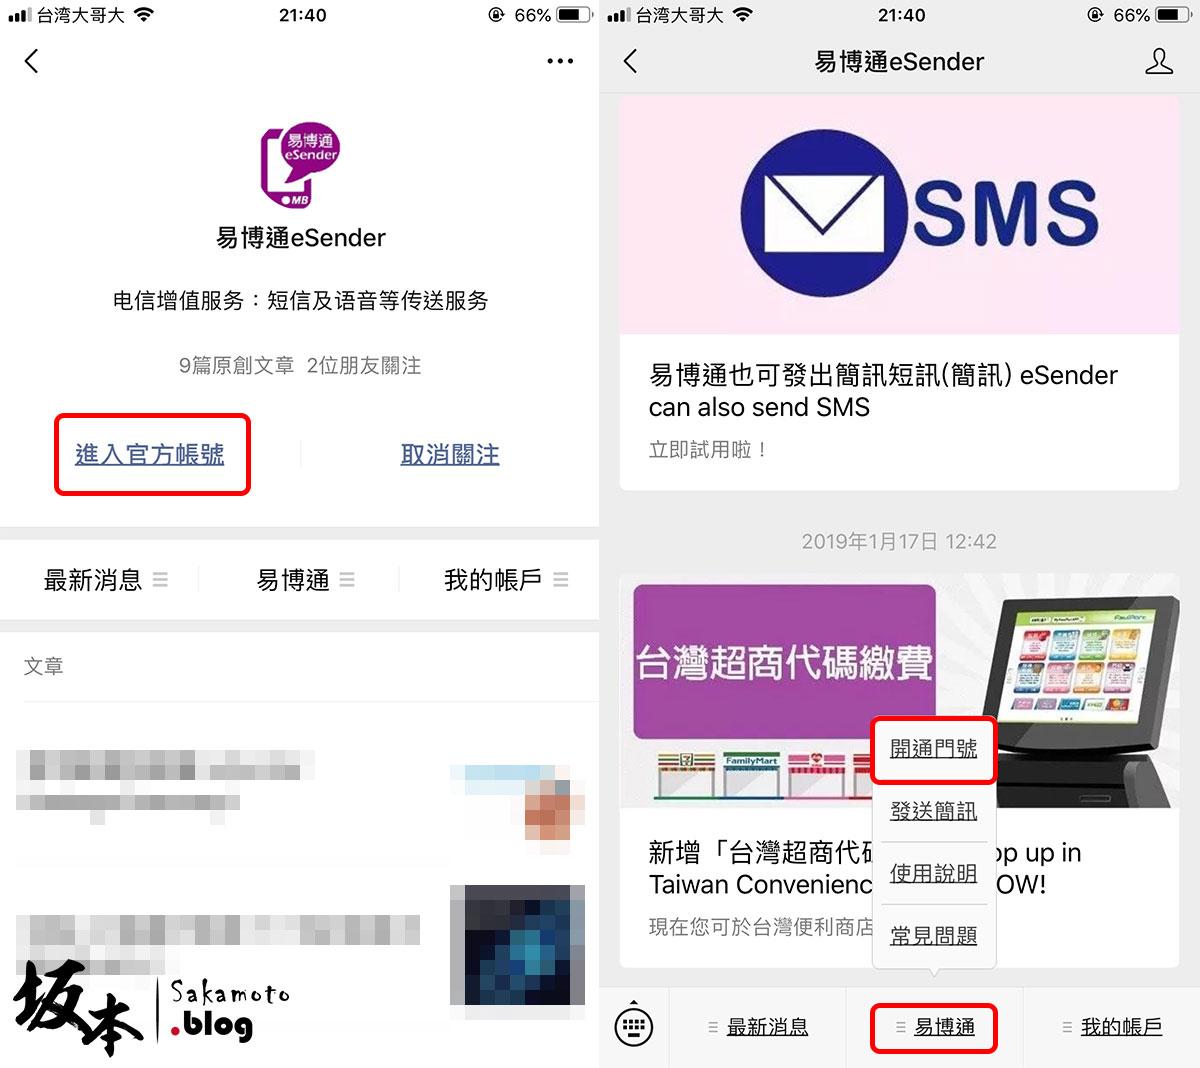 易博通 eSender 申請中國門號免SIM卡 5